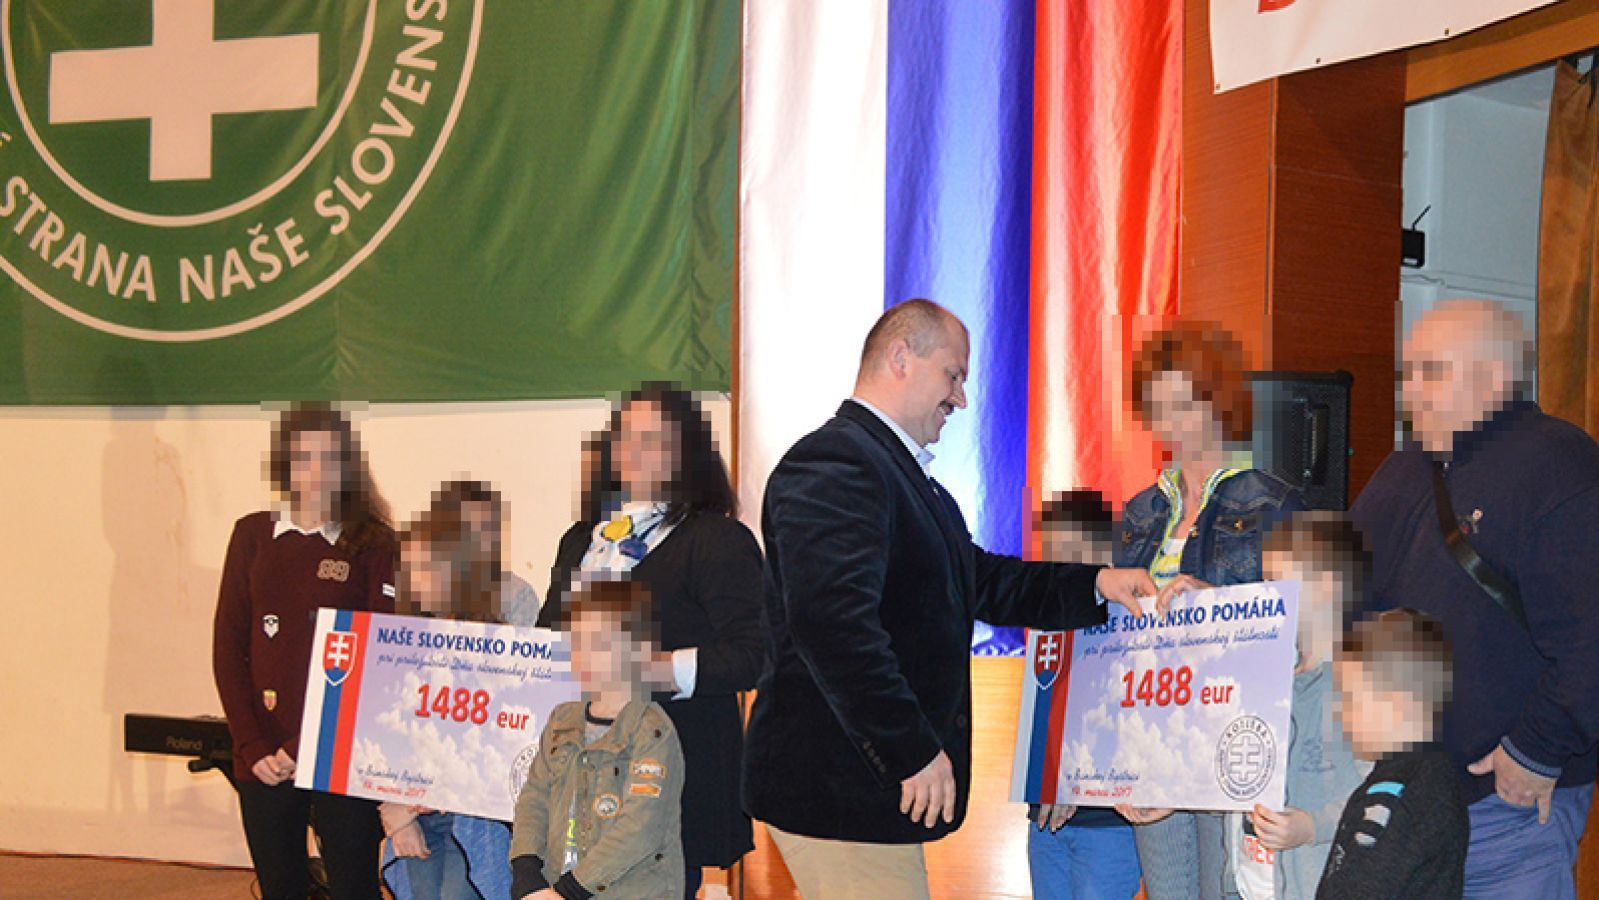 Marian Kotleba podal námietku zaujatosti voči sudkyni v prípade šekov na 1488 €. Tvrdí, že sa stretávala so znalcom